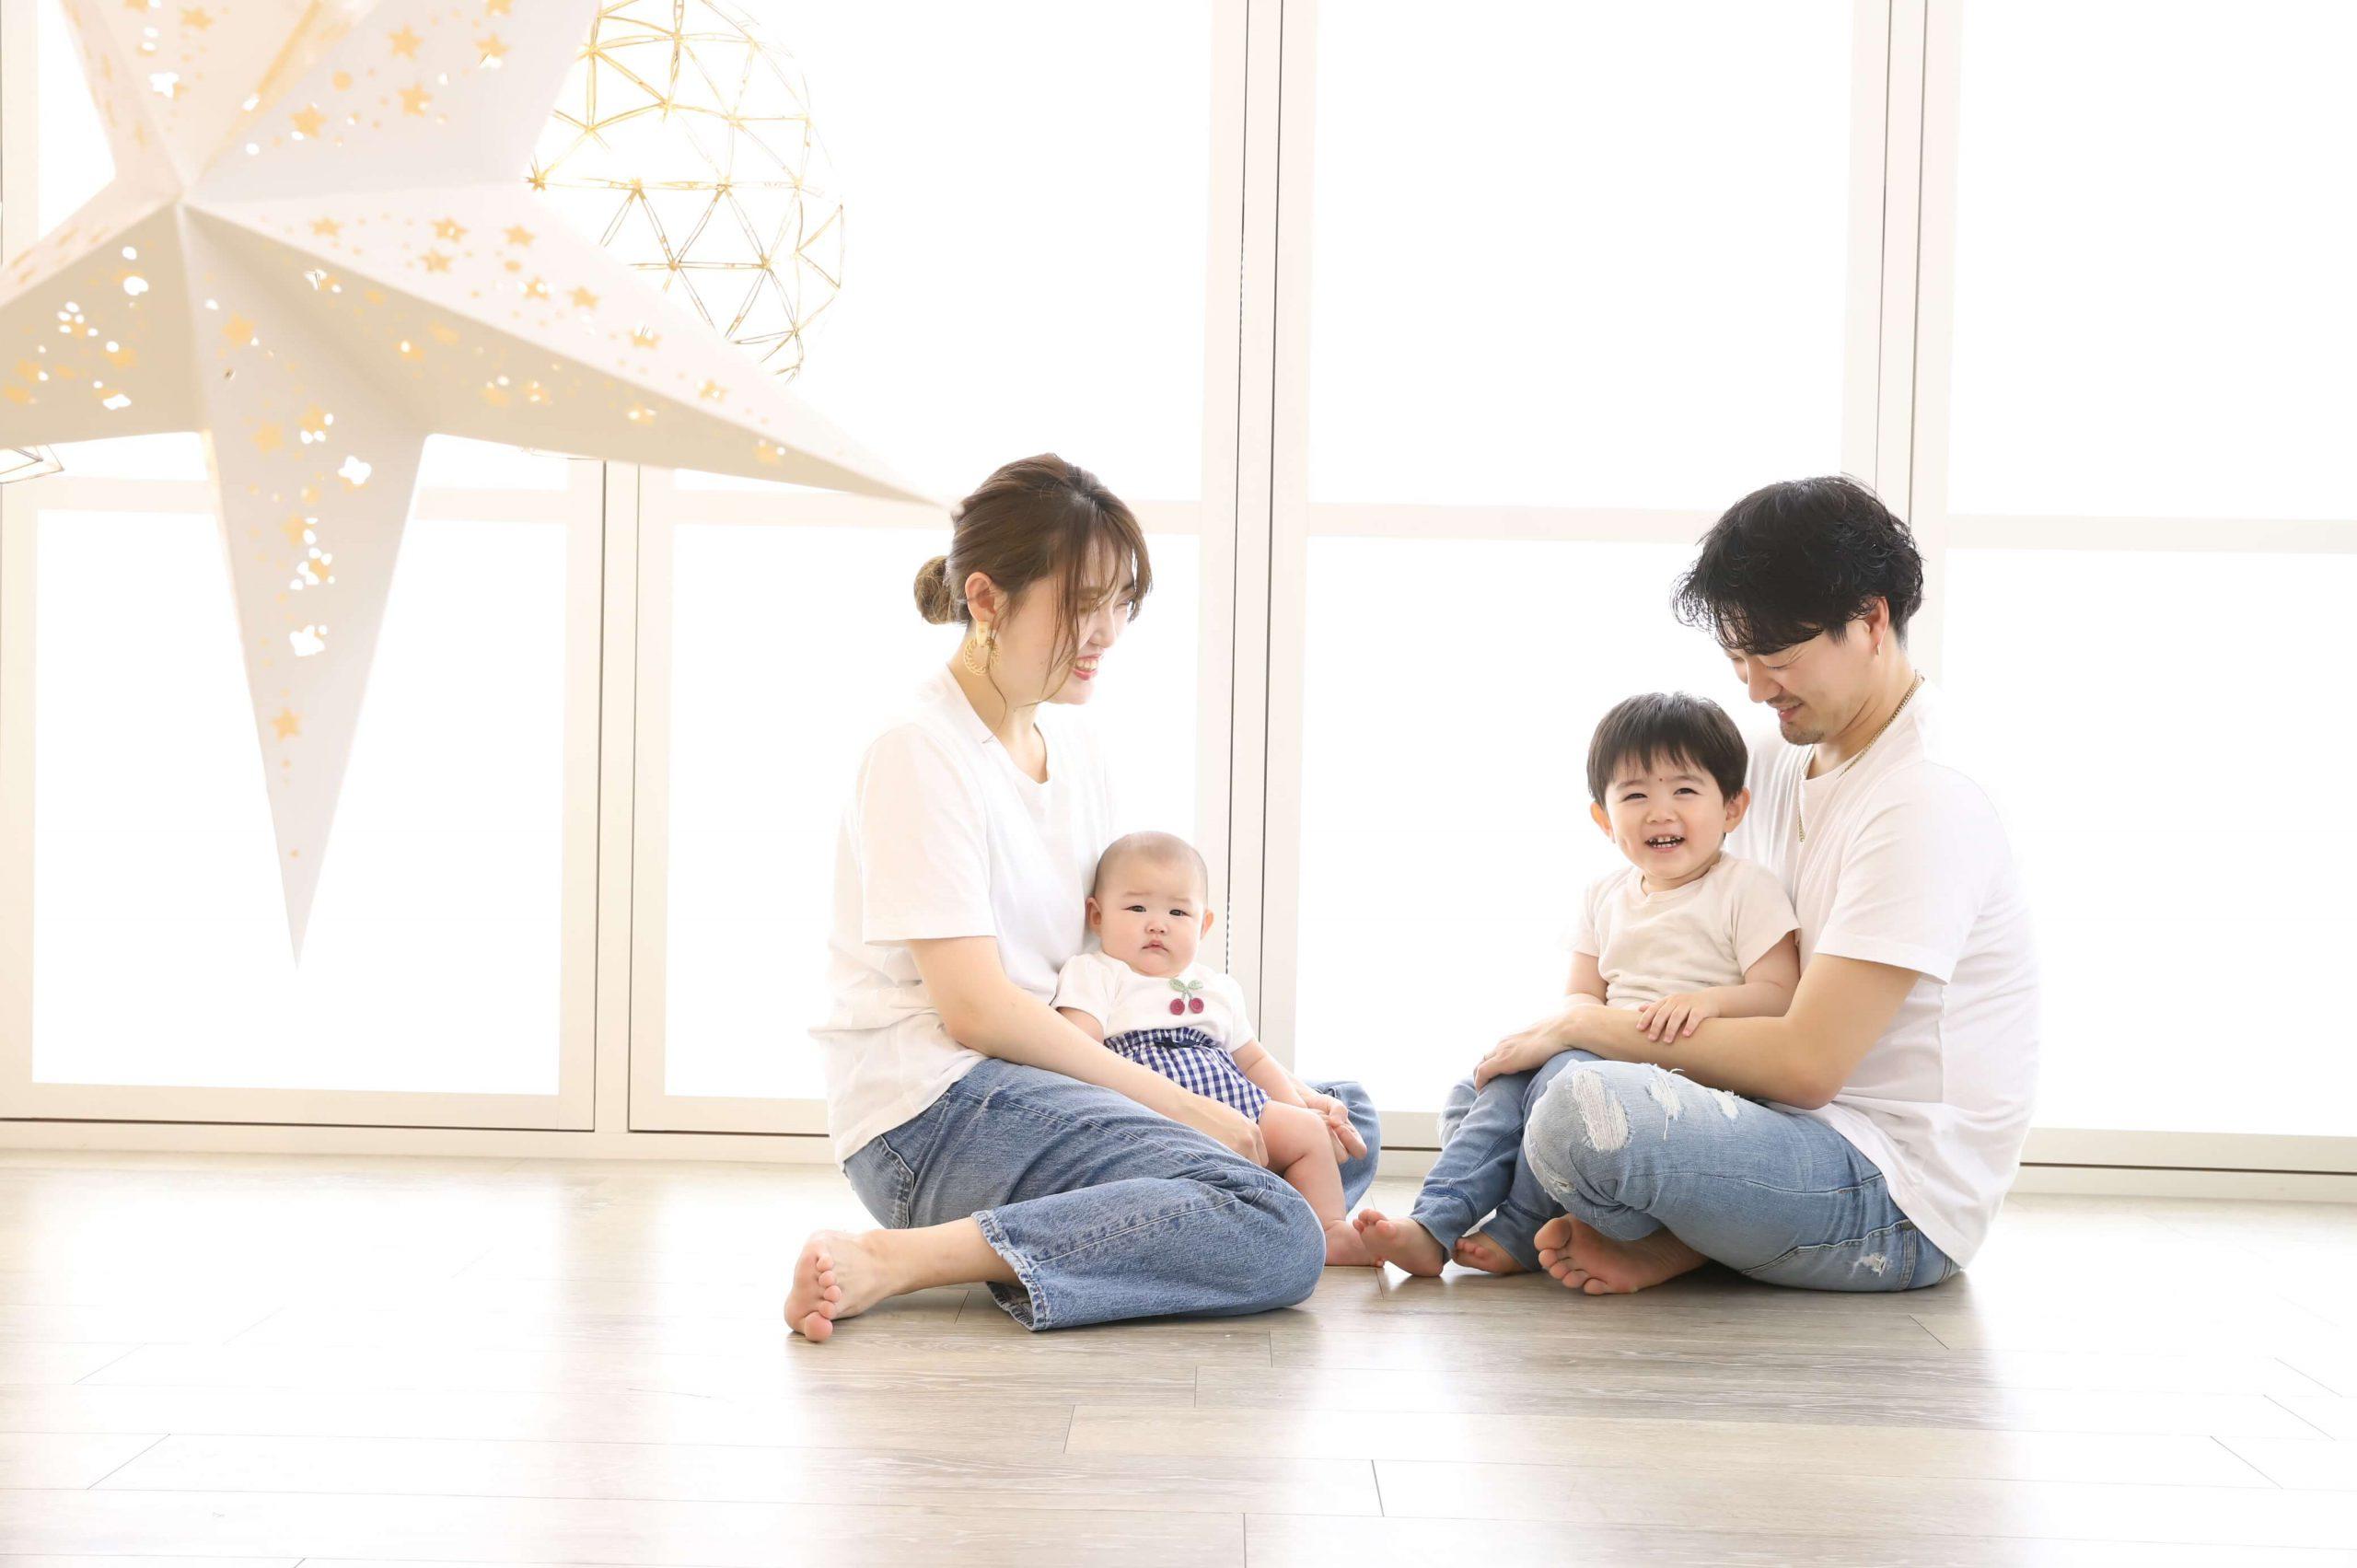 札幌西店の家族撮影はどんな雰囲気で撮れる??スタジオ毎のオススメスポット徹底解説!【Part.1】